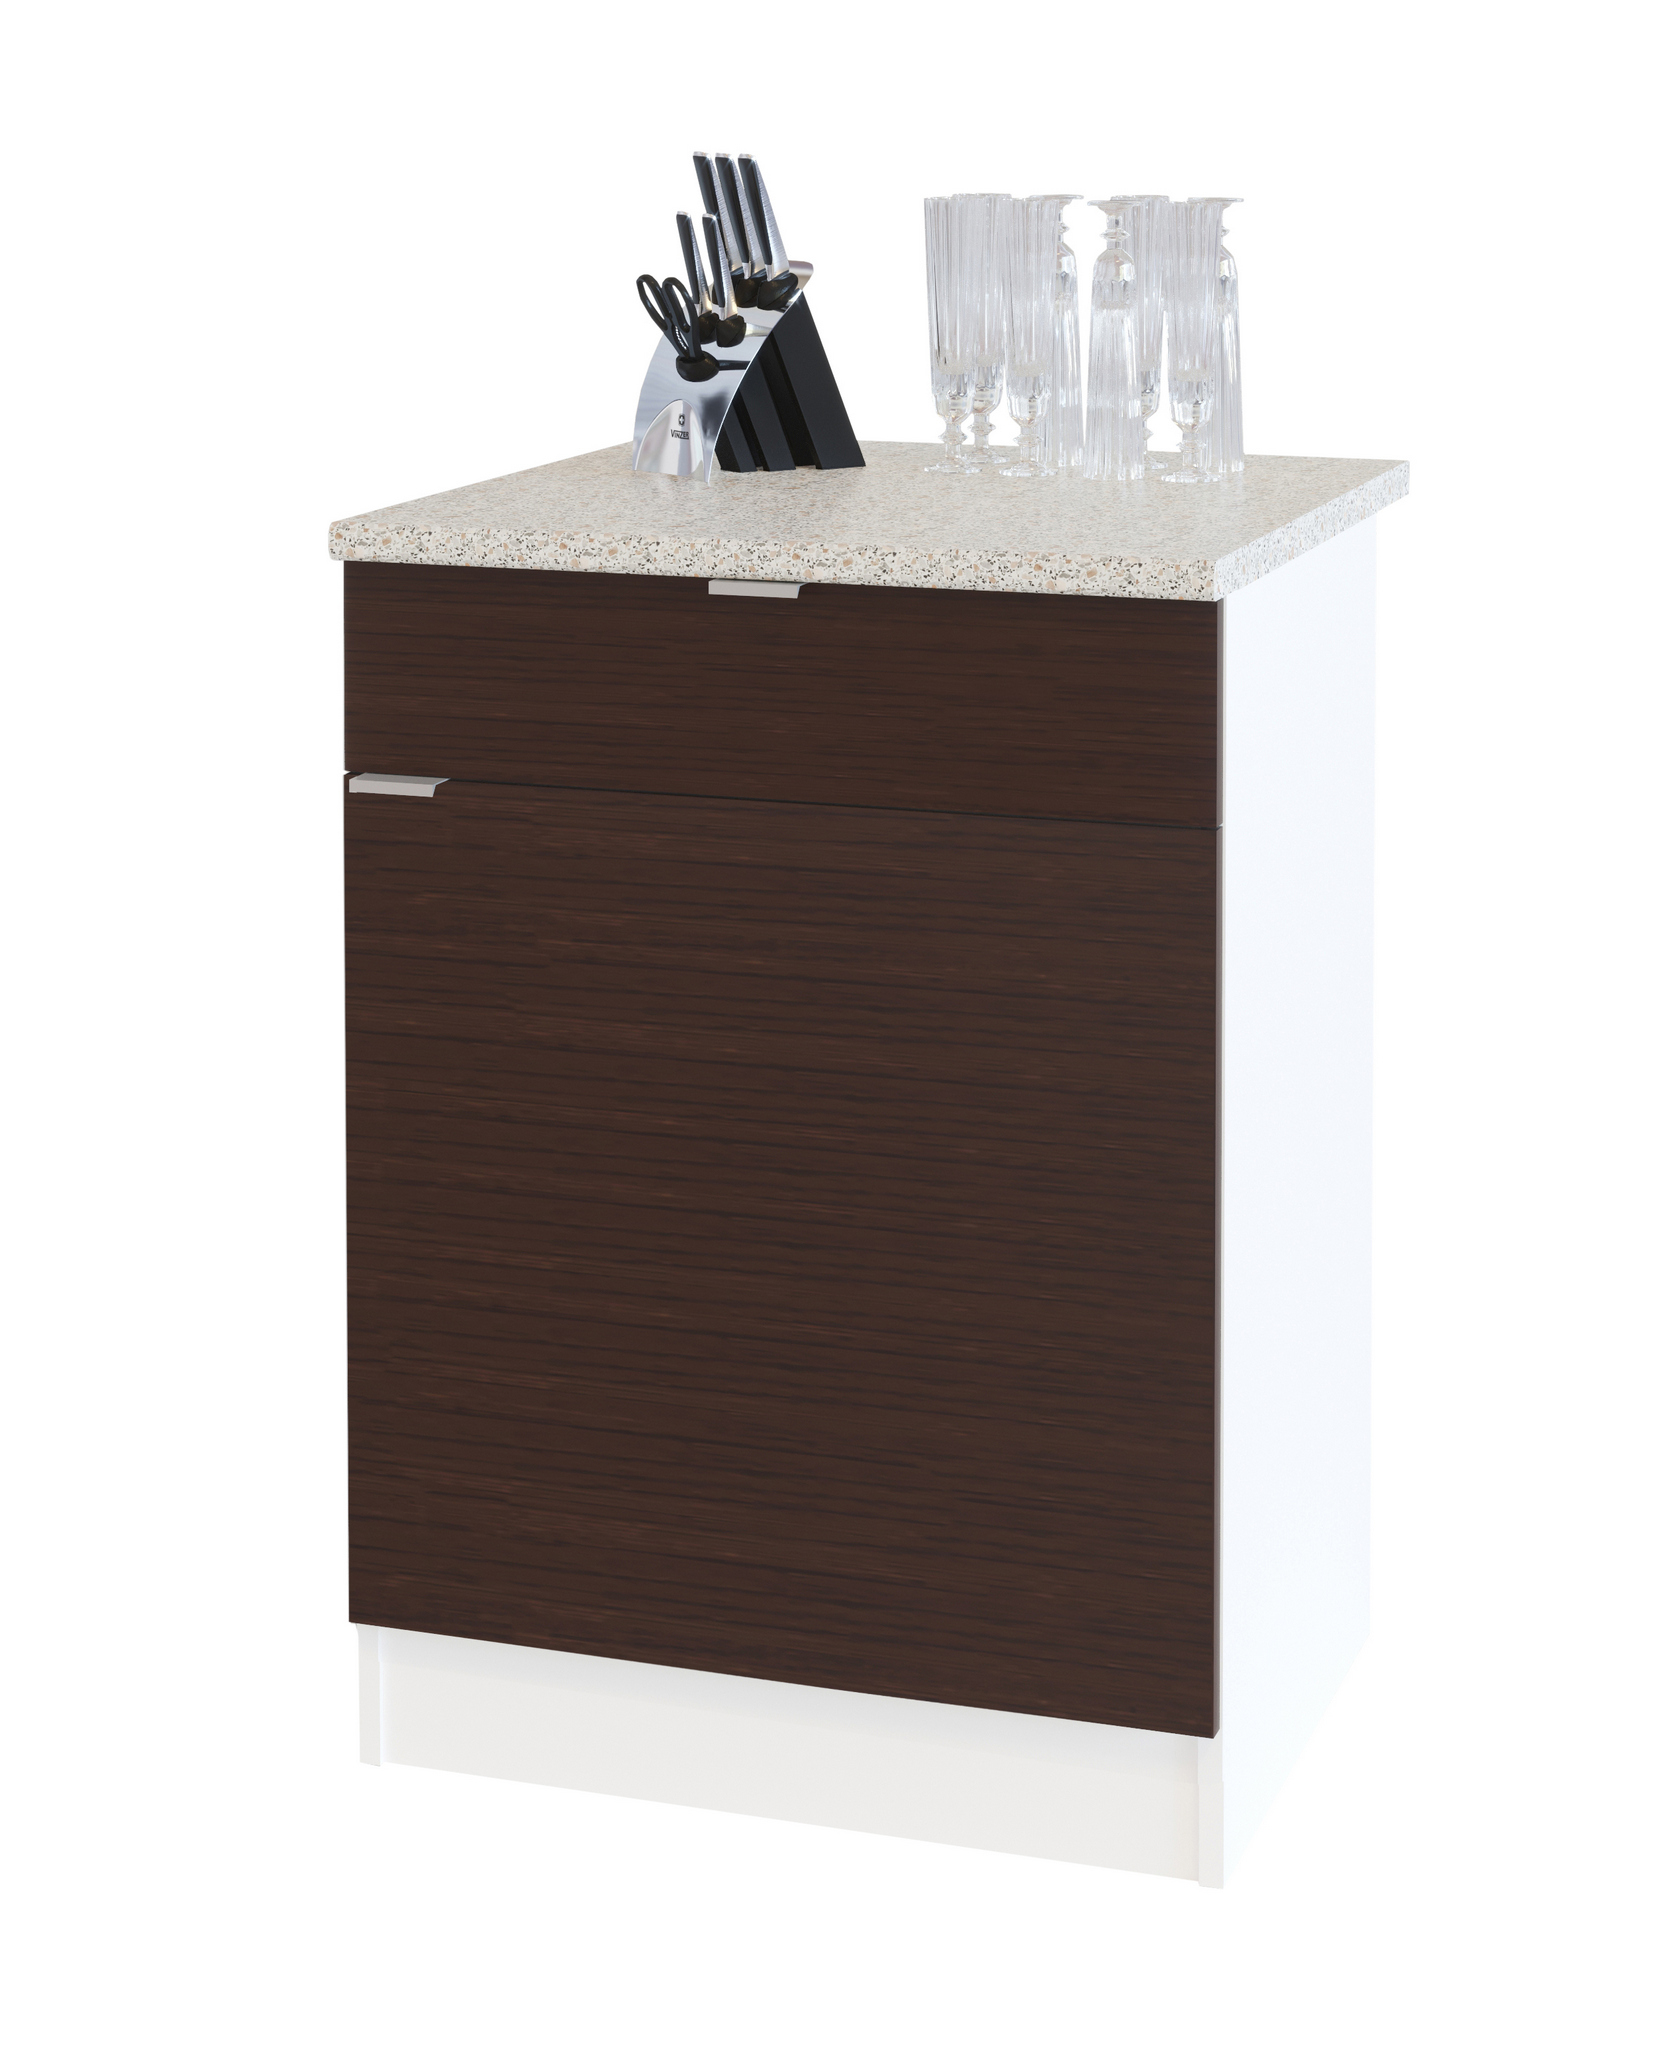 Стол с ящиками Сокол ТК-06.1 стол с ящиками витра 19 71